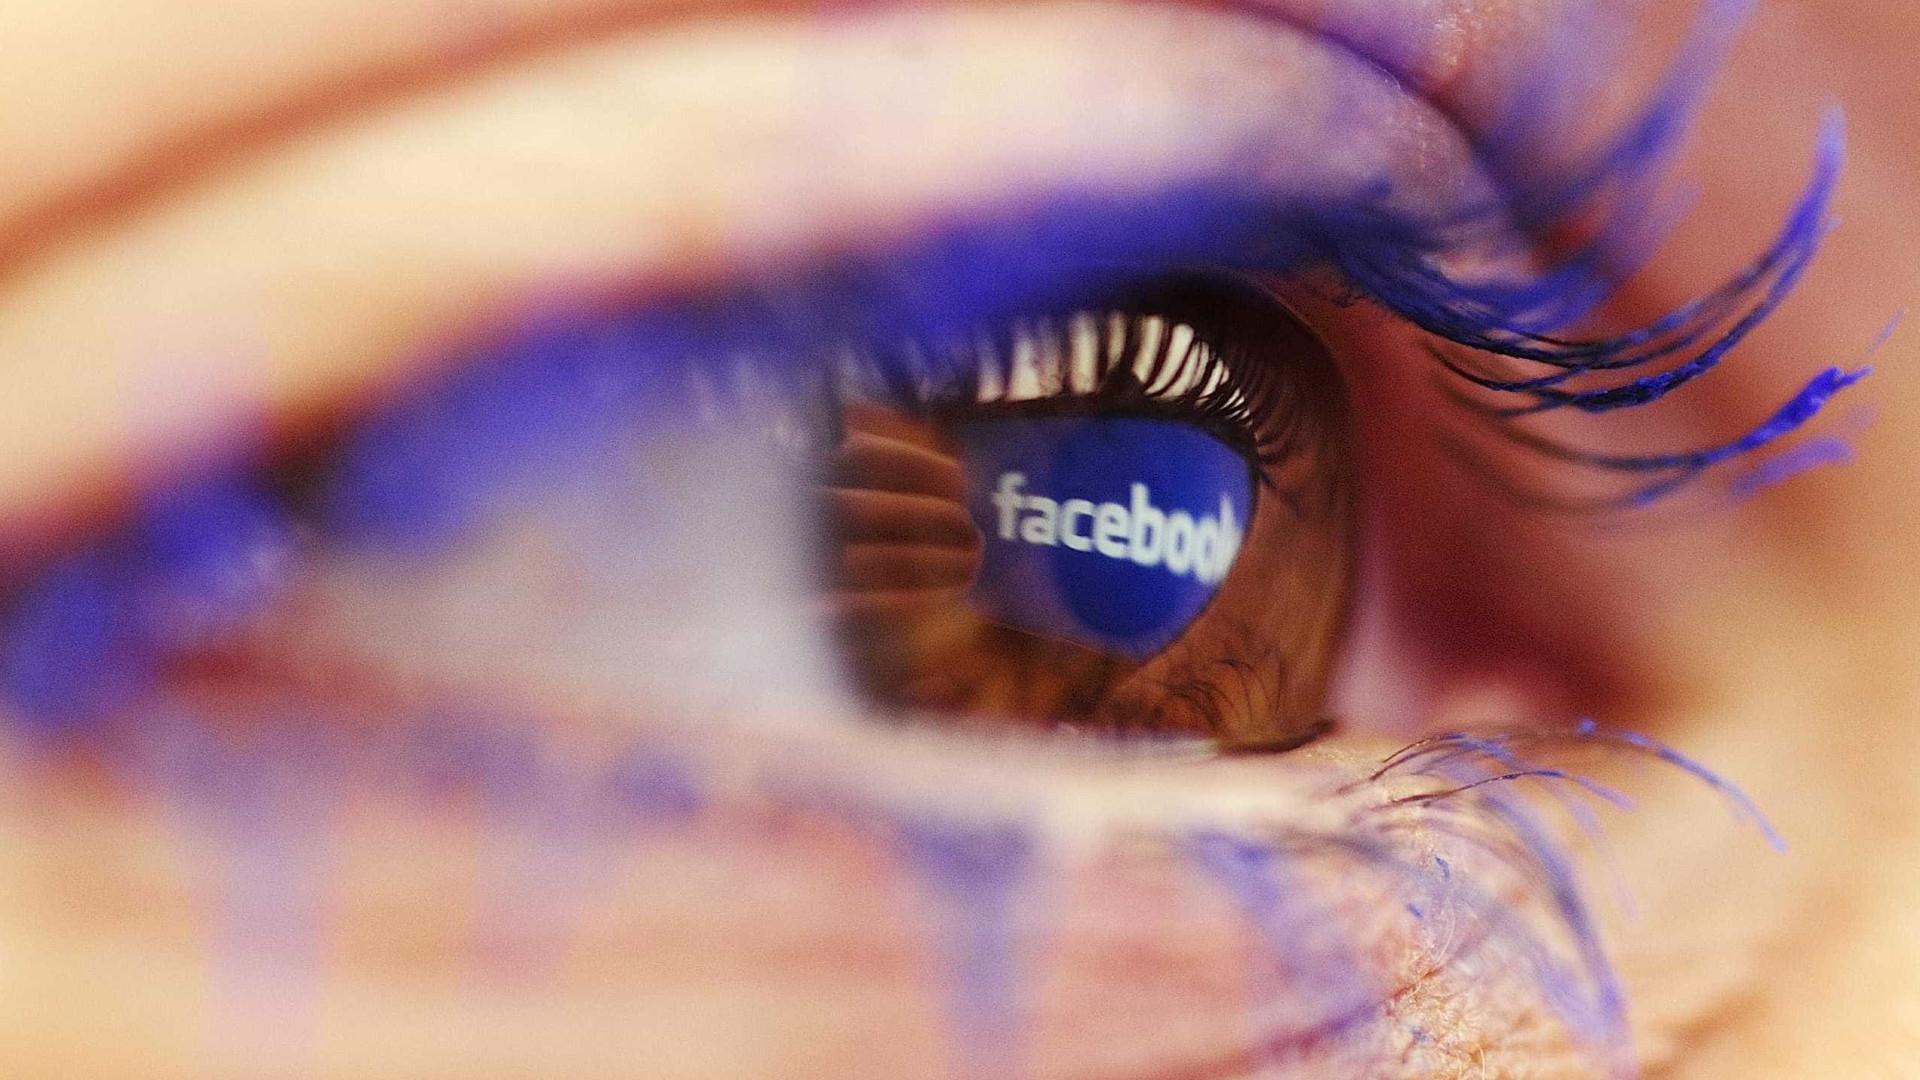 Acabou de se separar? O Facebook tem uma nova opção para você